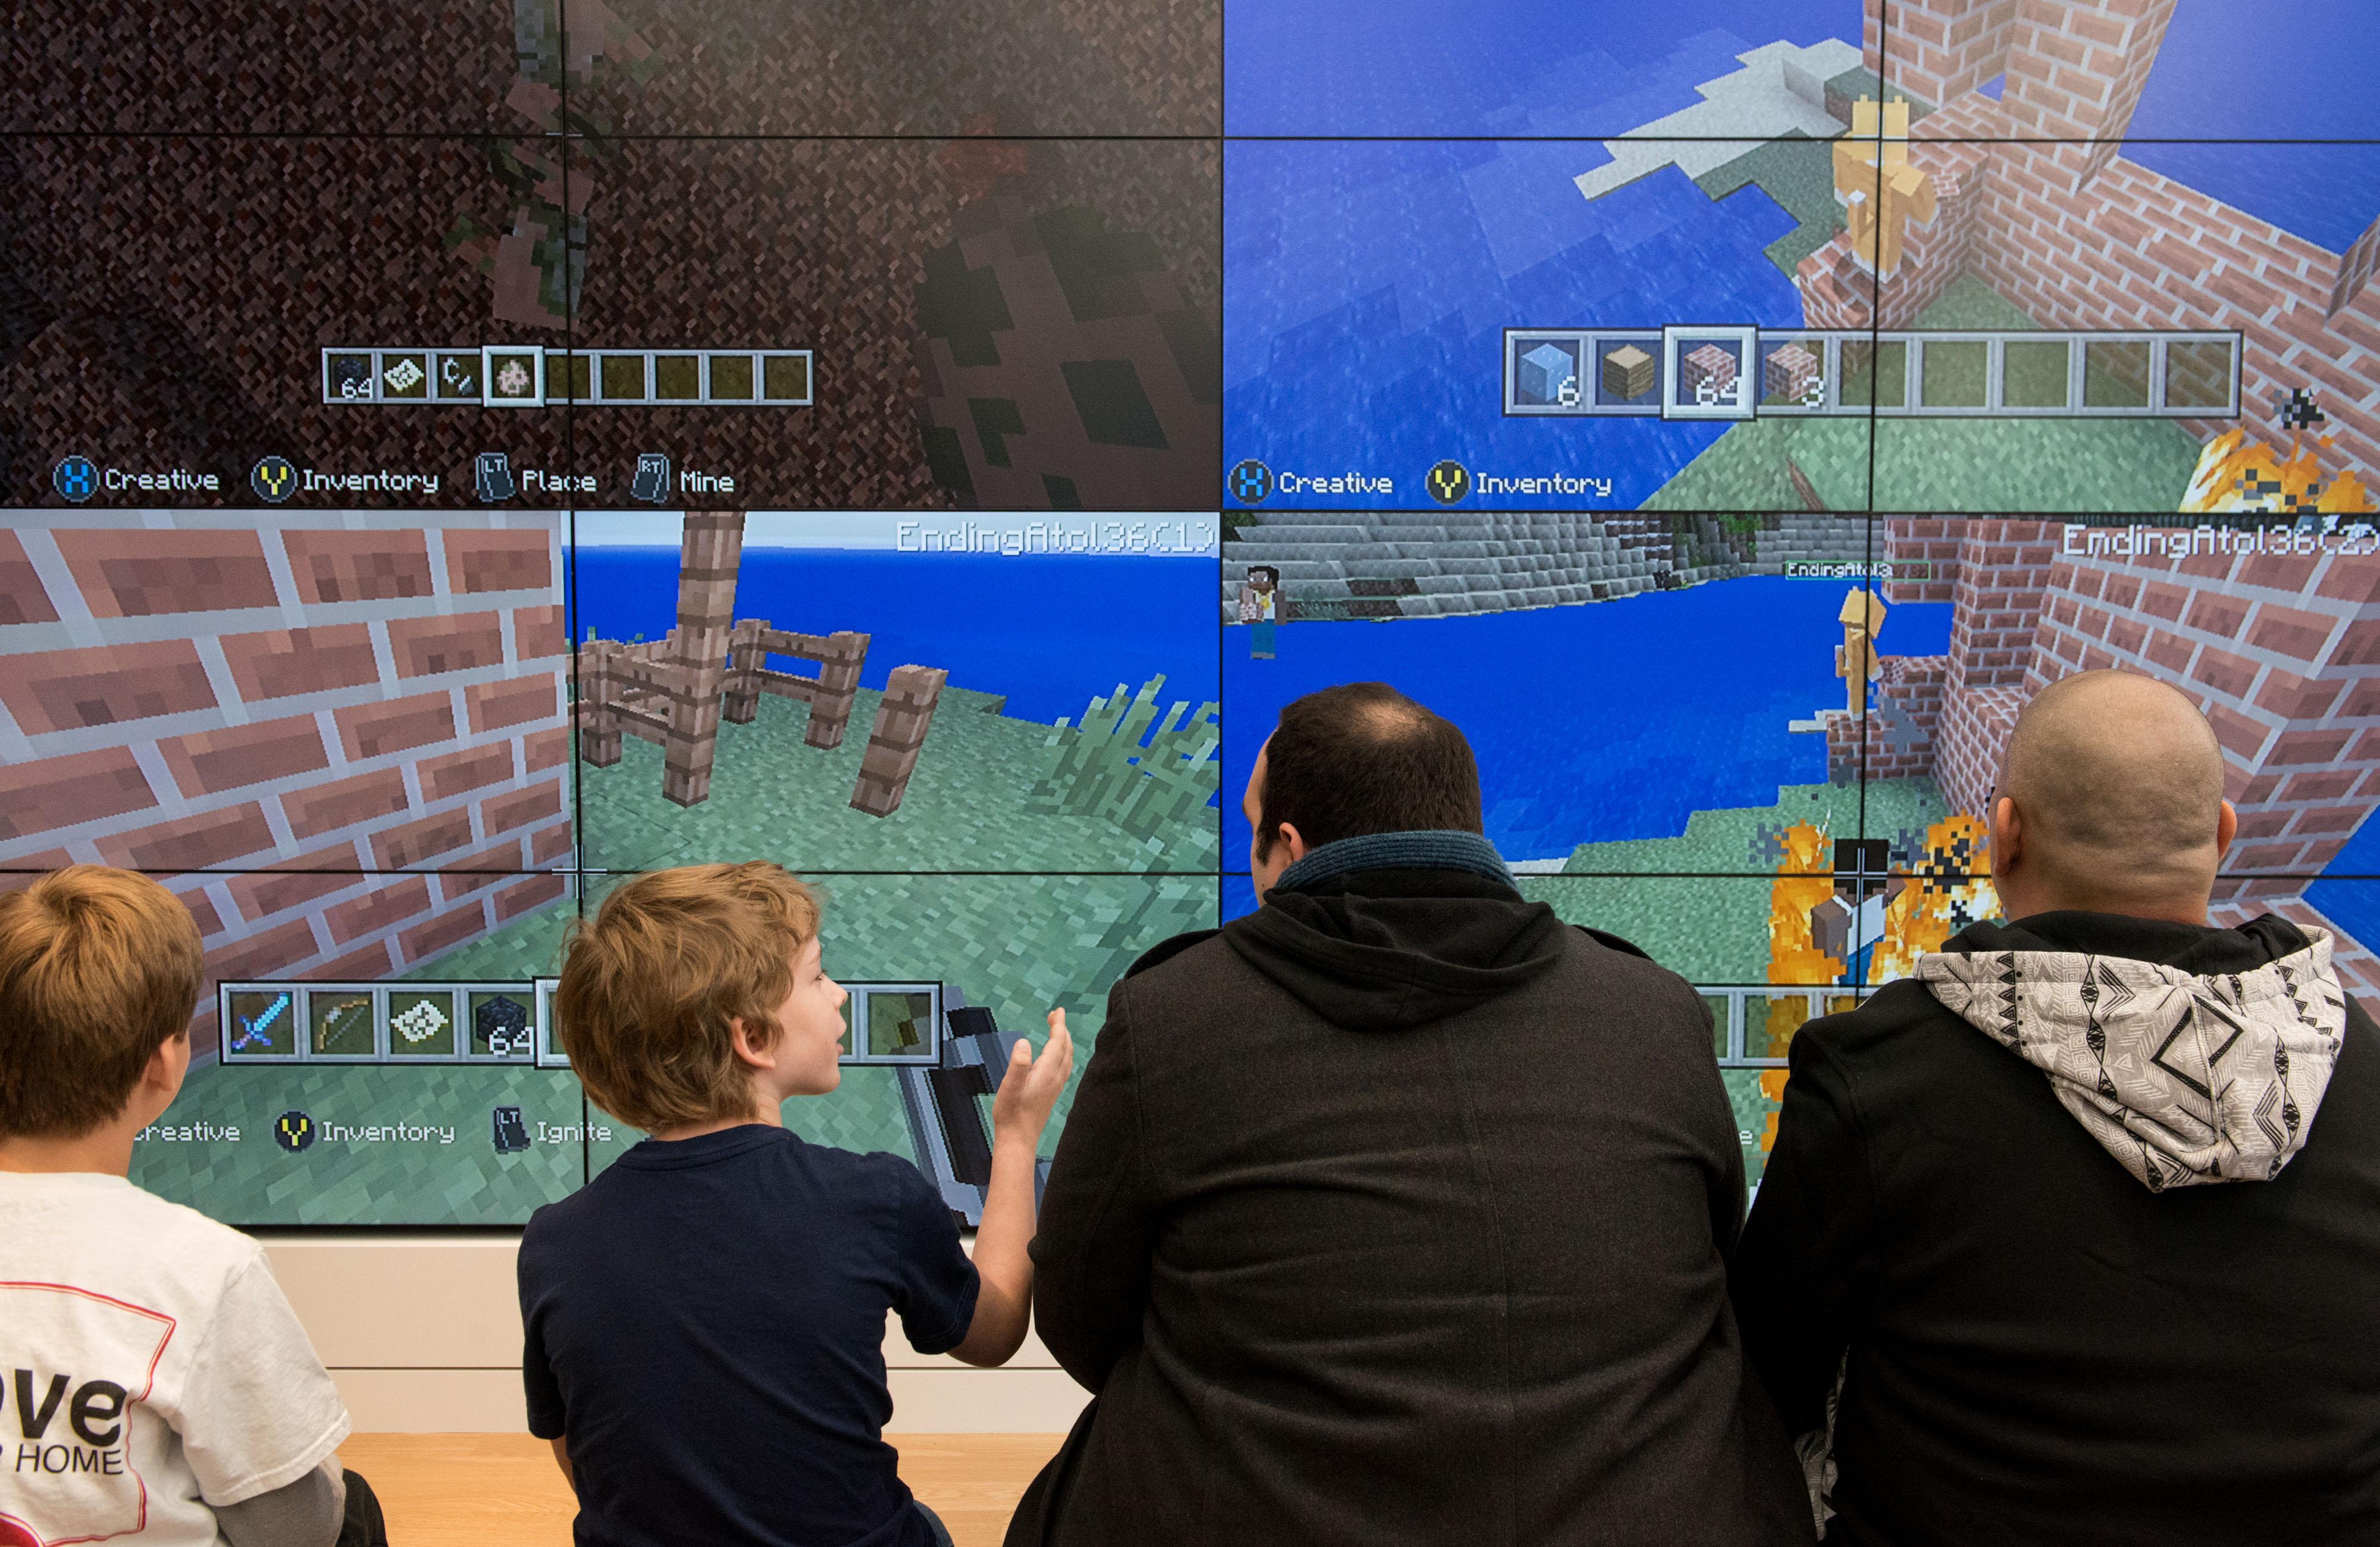 Minecraft will teach kids coding